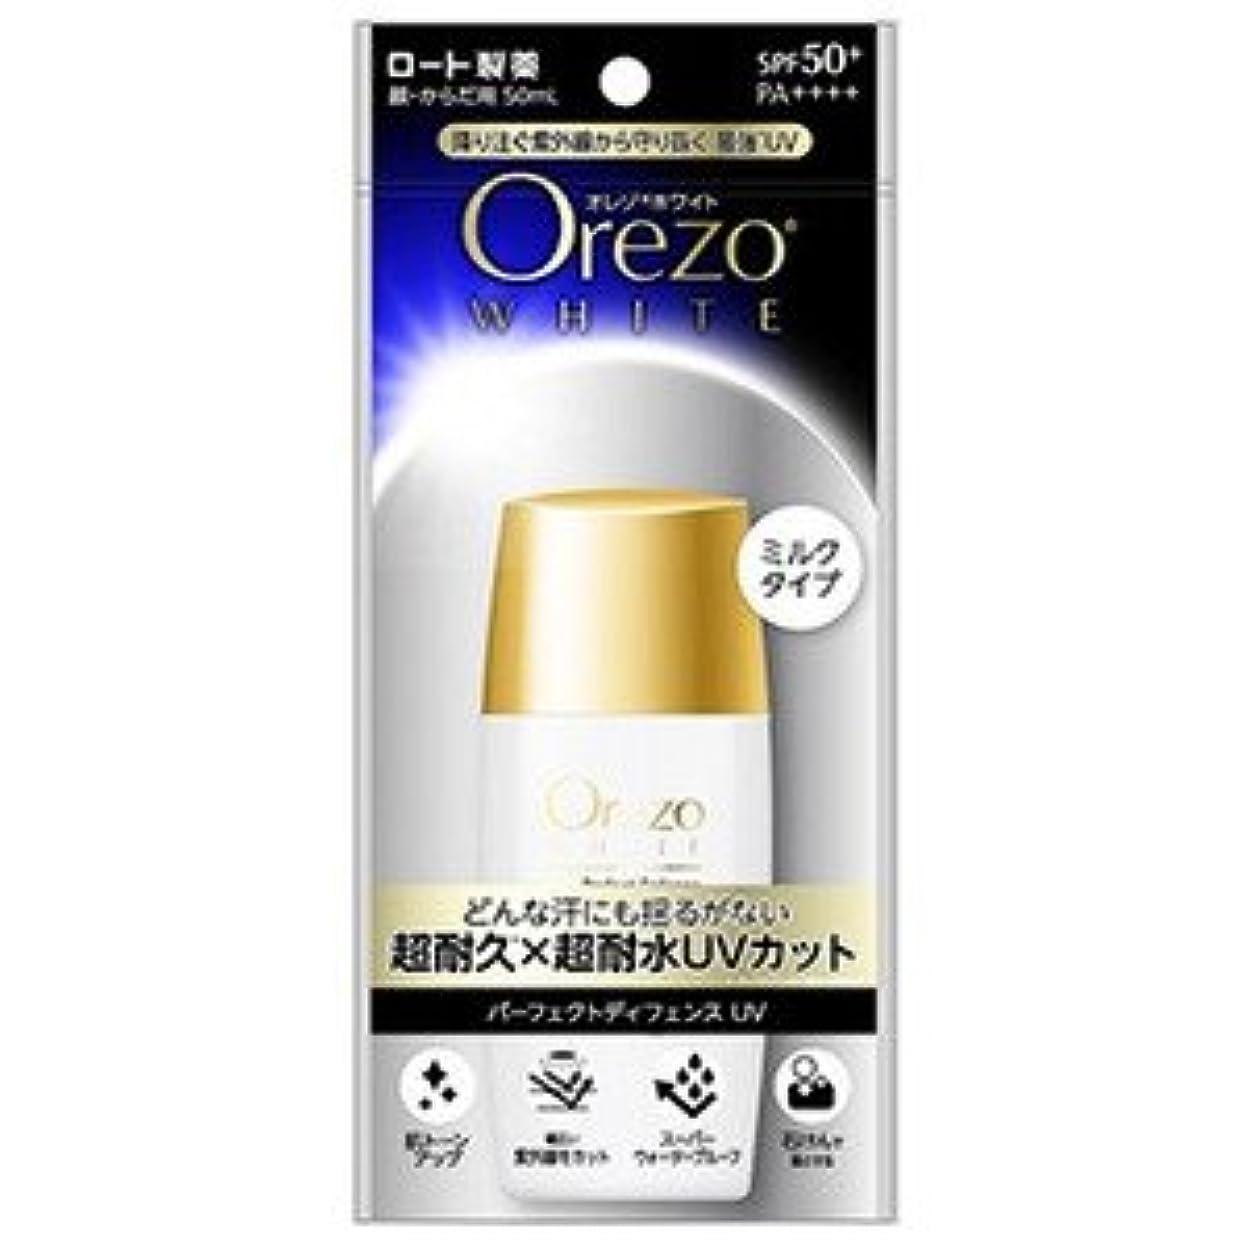 十分寸前ゼリーロート製薬 Orezo オレゾ ホワイト パーフェクトディフェンスUVa SPF50+ PA++++ (50mL)